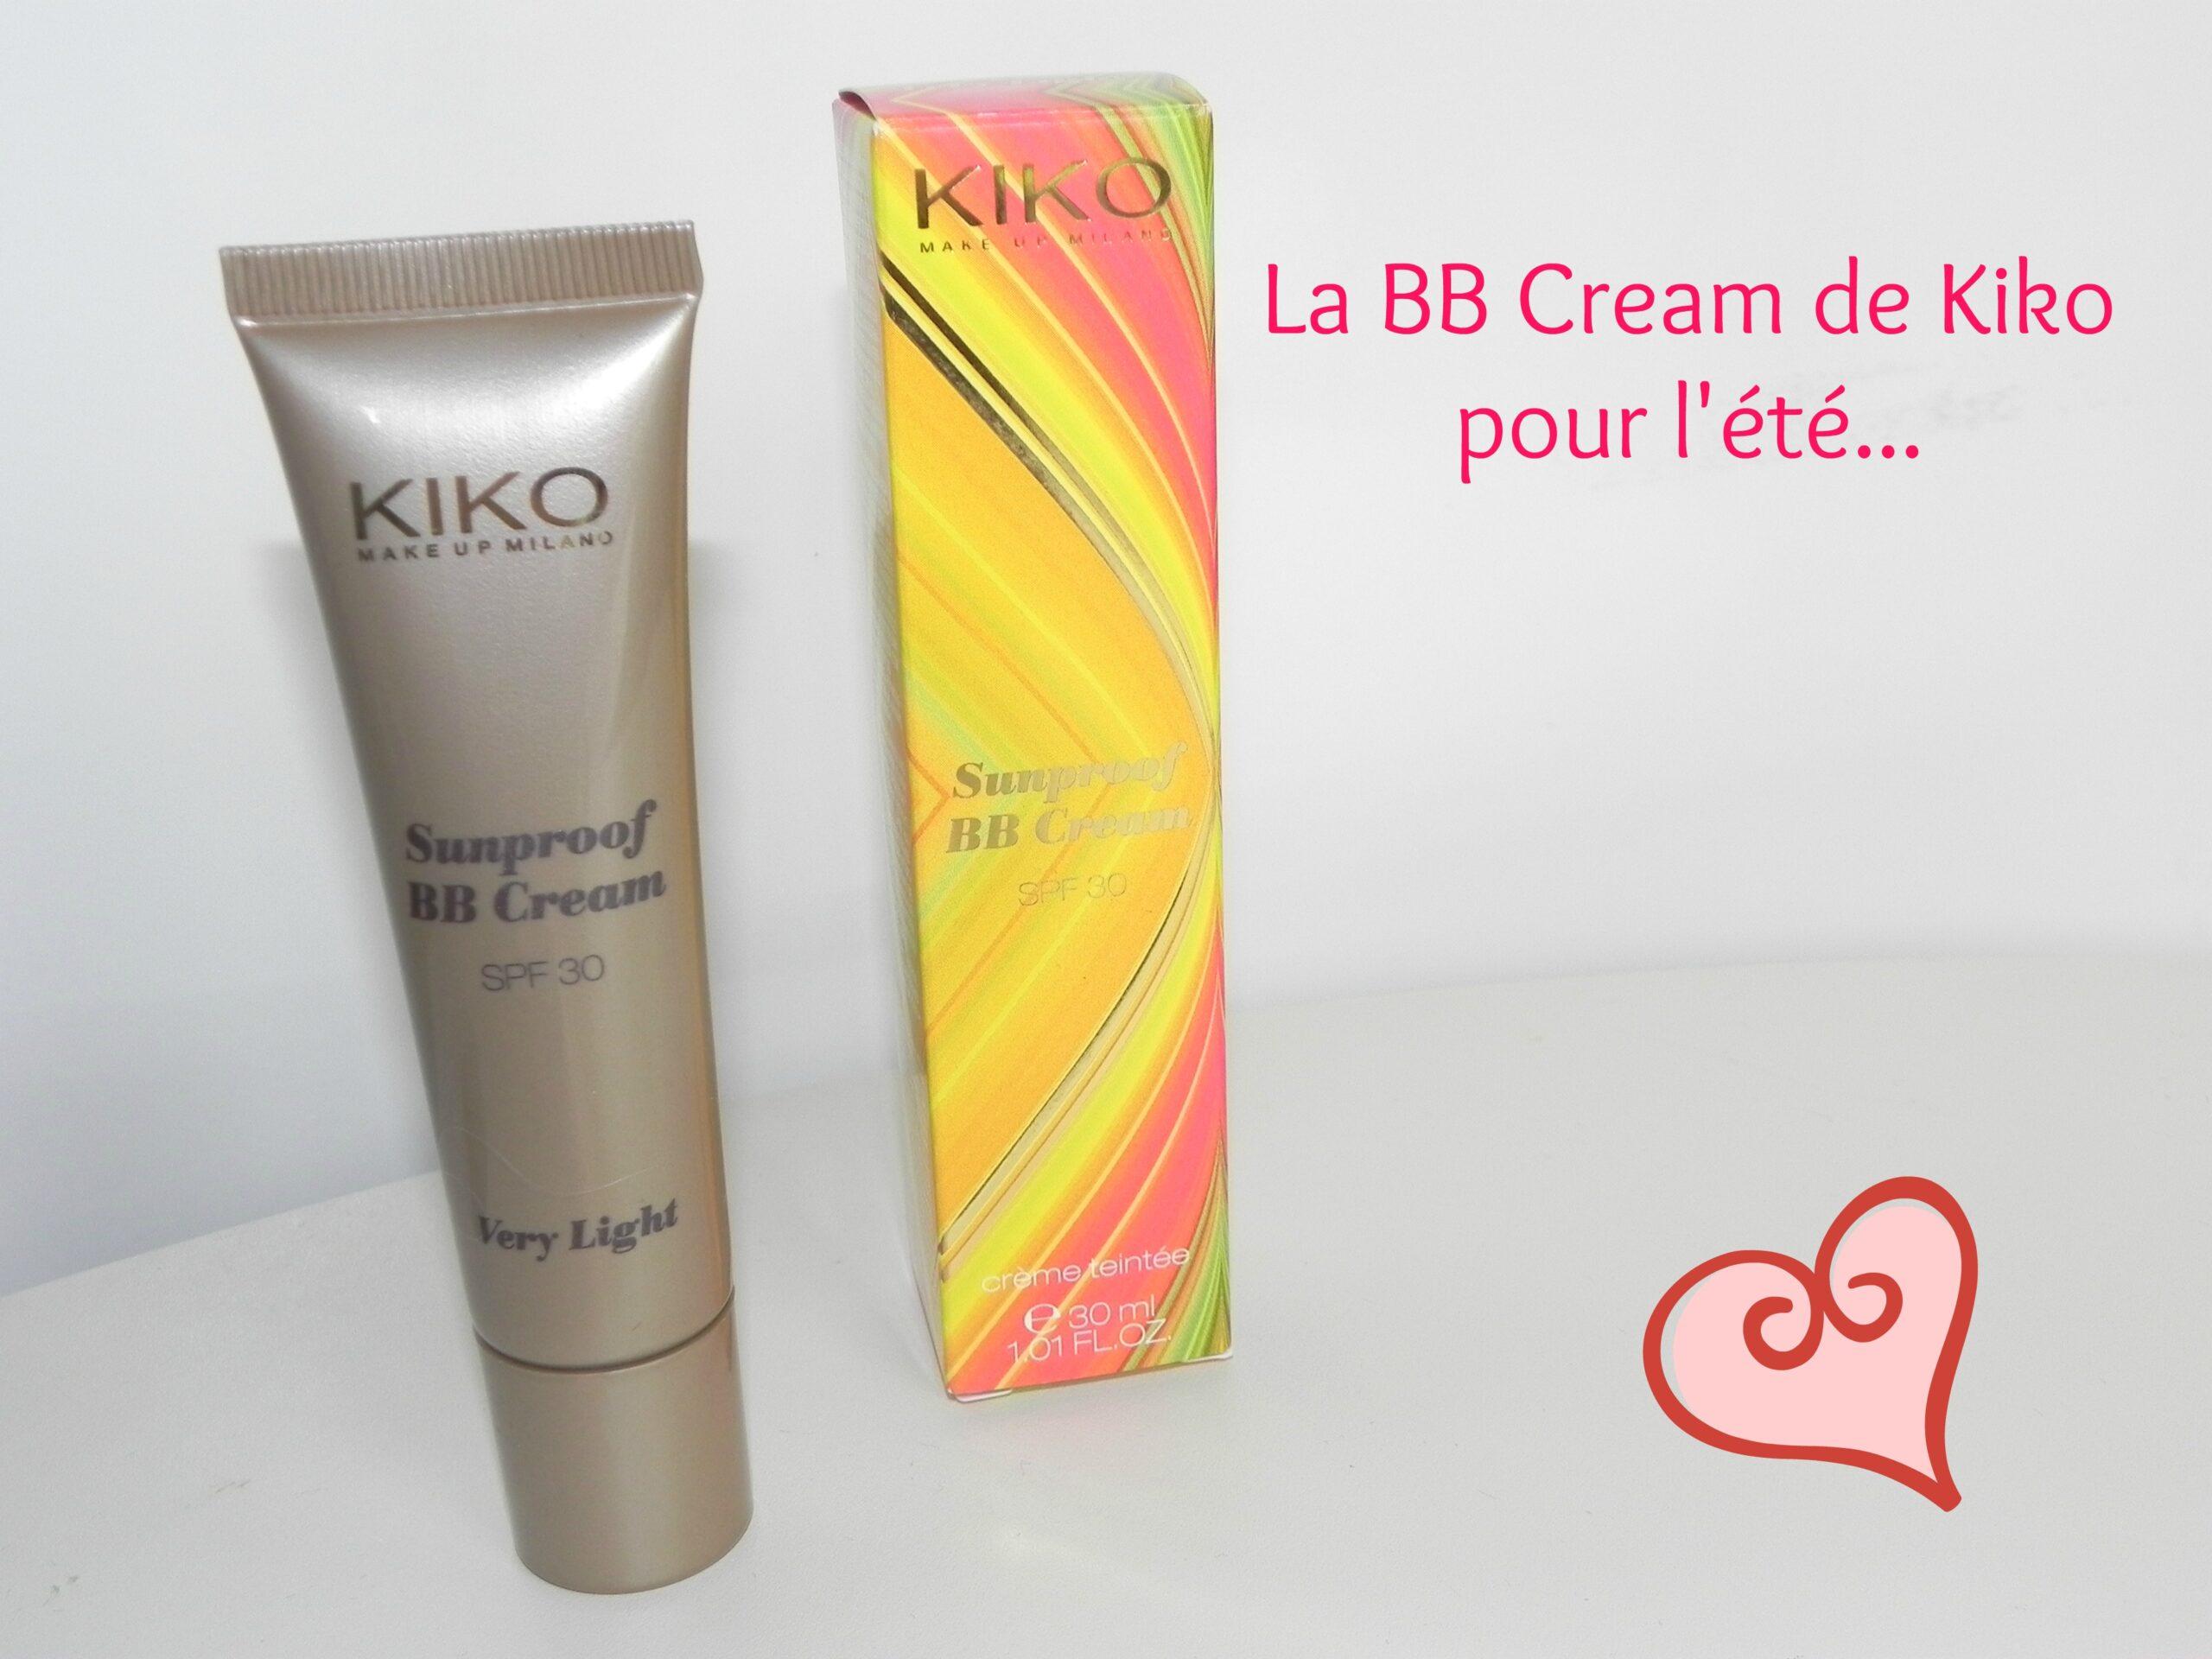 Kiko sort une BB cream Sunproof pour l'été